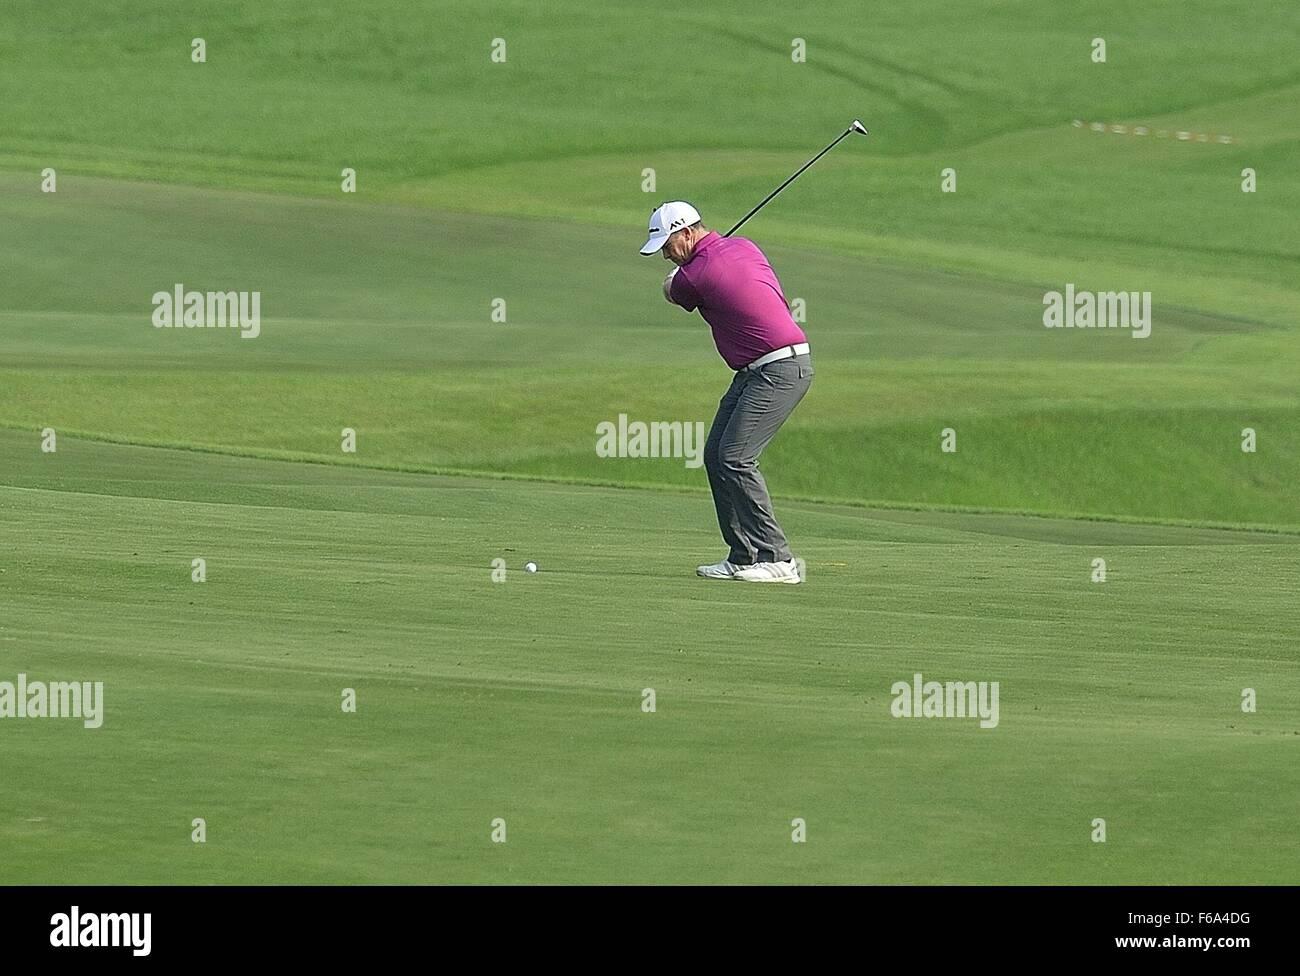 Zuma Wire Masters Golf Stock Photos & Zuma Wire Masters Golf Stock ...